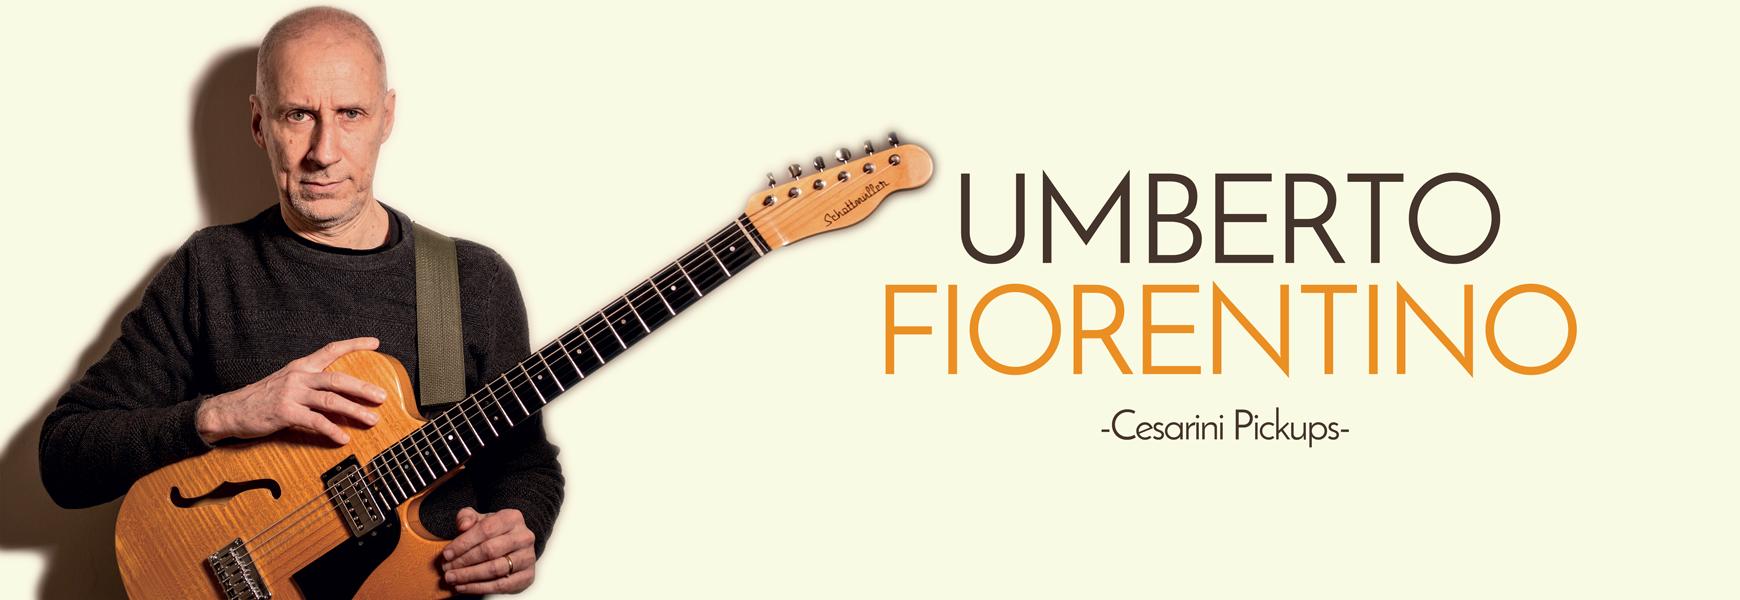 endorser Umberto Fiorentino